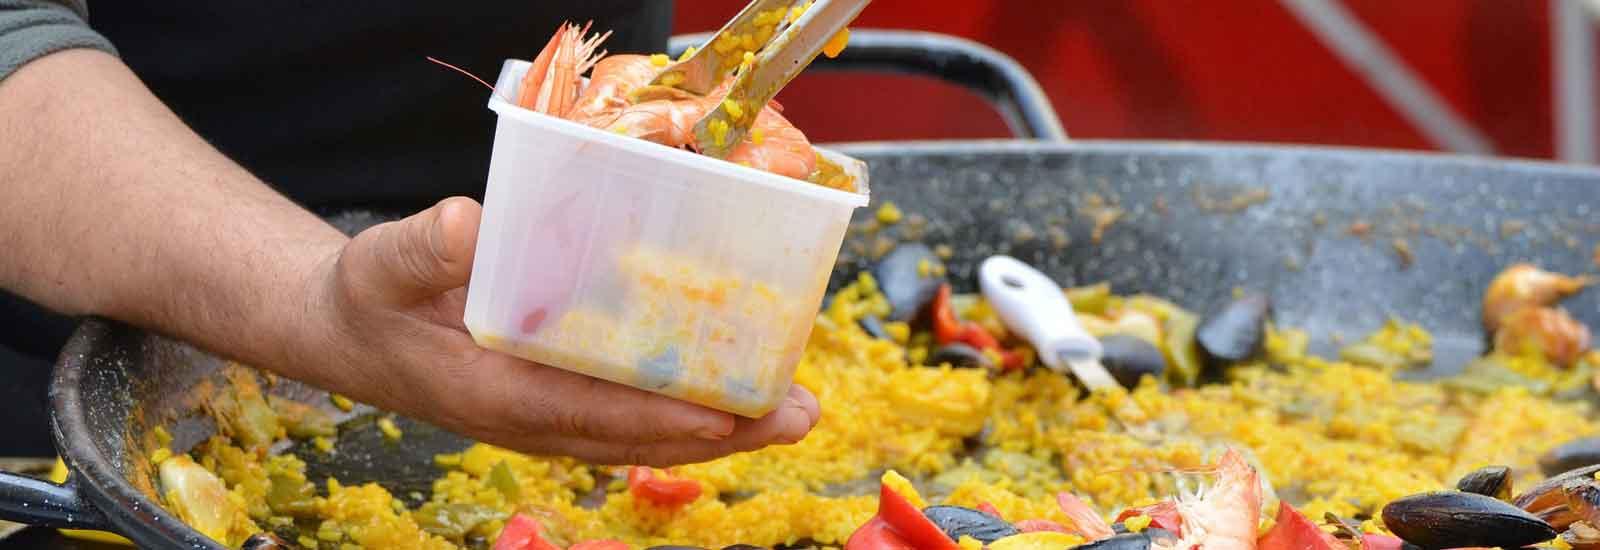 Der-beste-Reis-kommt-von-Mallorca